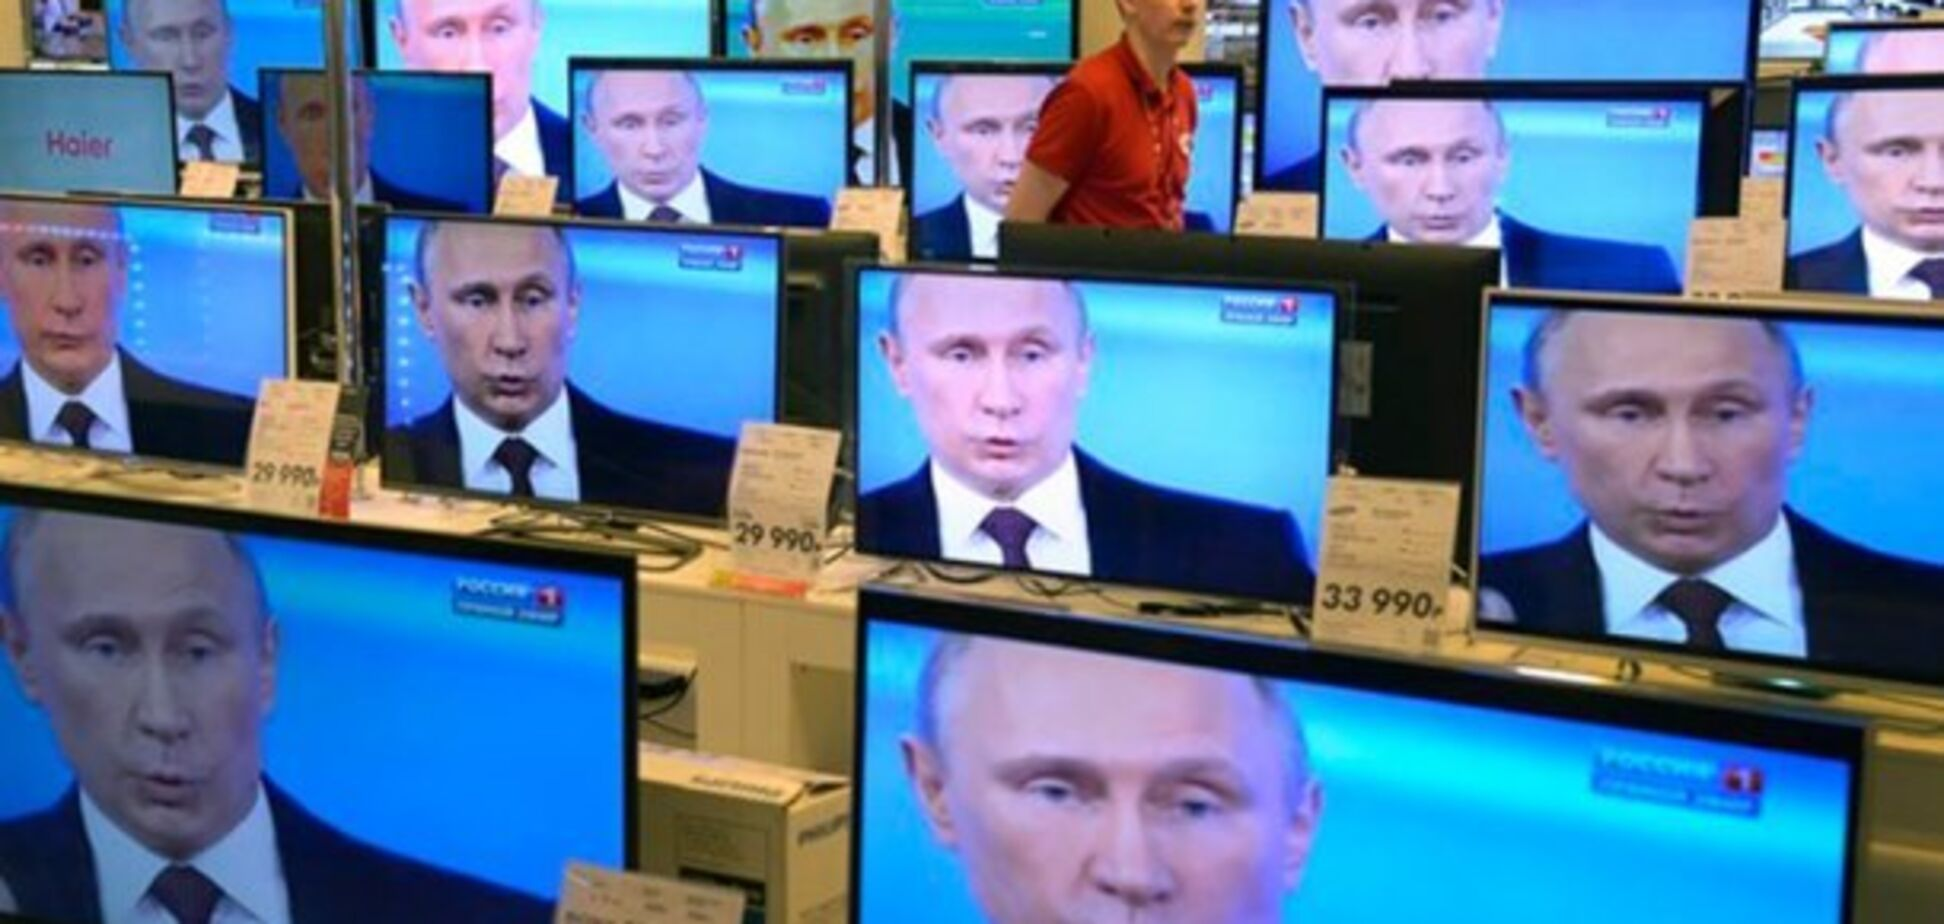 Россияне учат лгать об Украине: СБУ раскрыла правду о пропаганде и преследованиях в 'Л/ДНР'